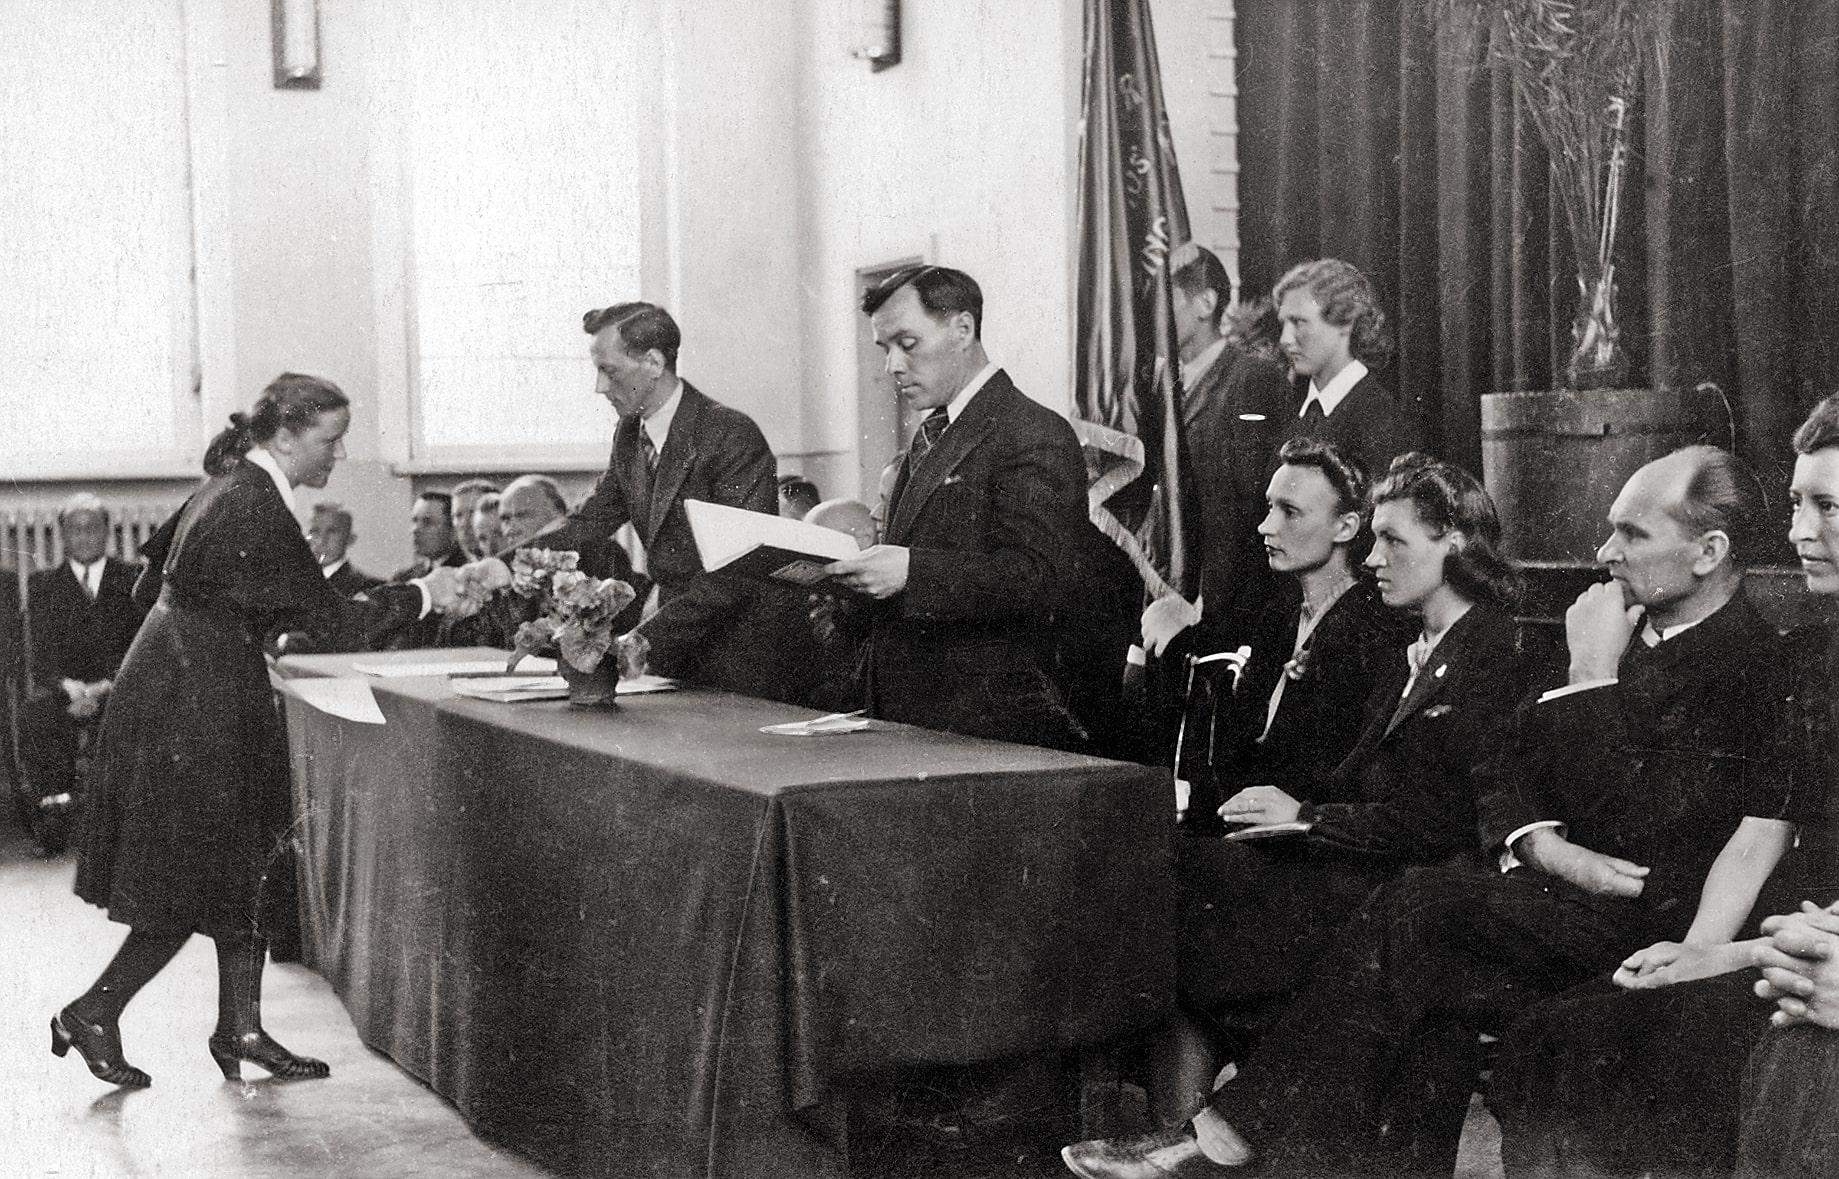 Brandos atestatų įteikimas Kėdainių naujojoje gimnazijoje, 1939 m. Kazio Daugėlios nuotr.